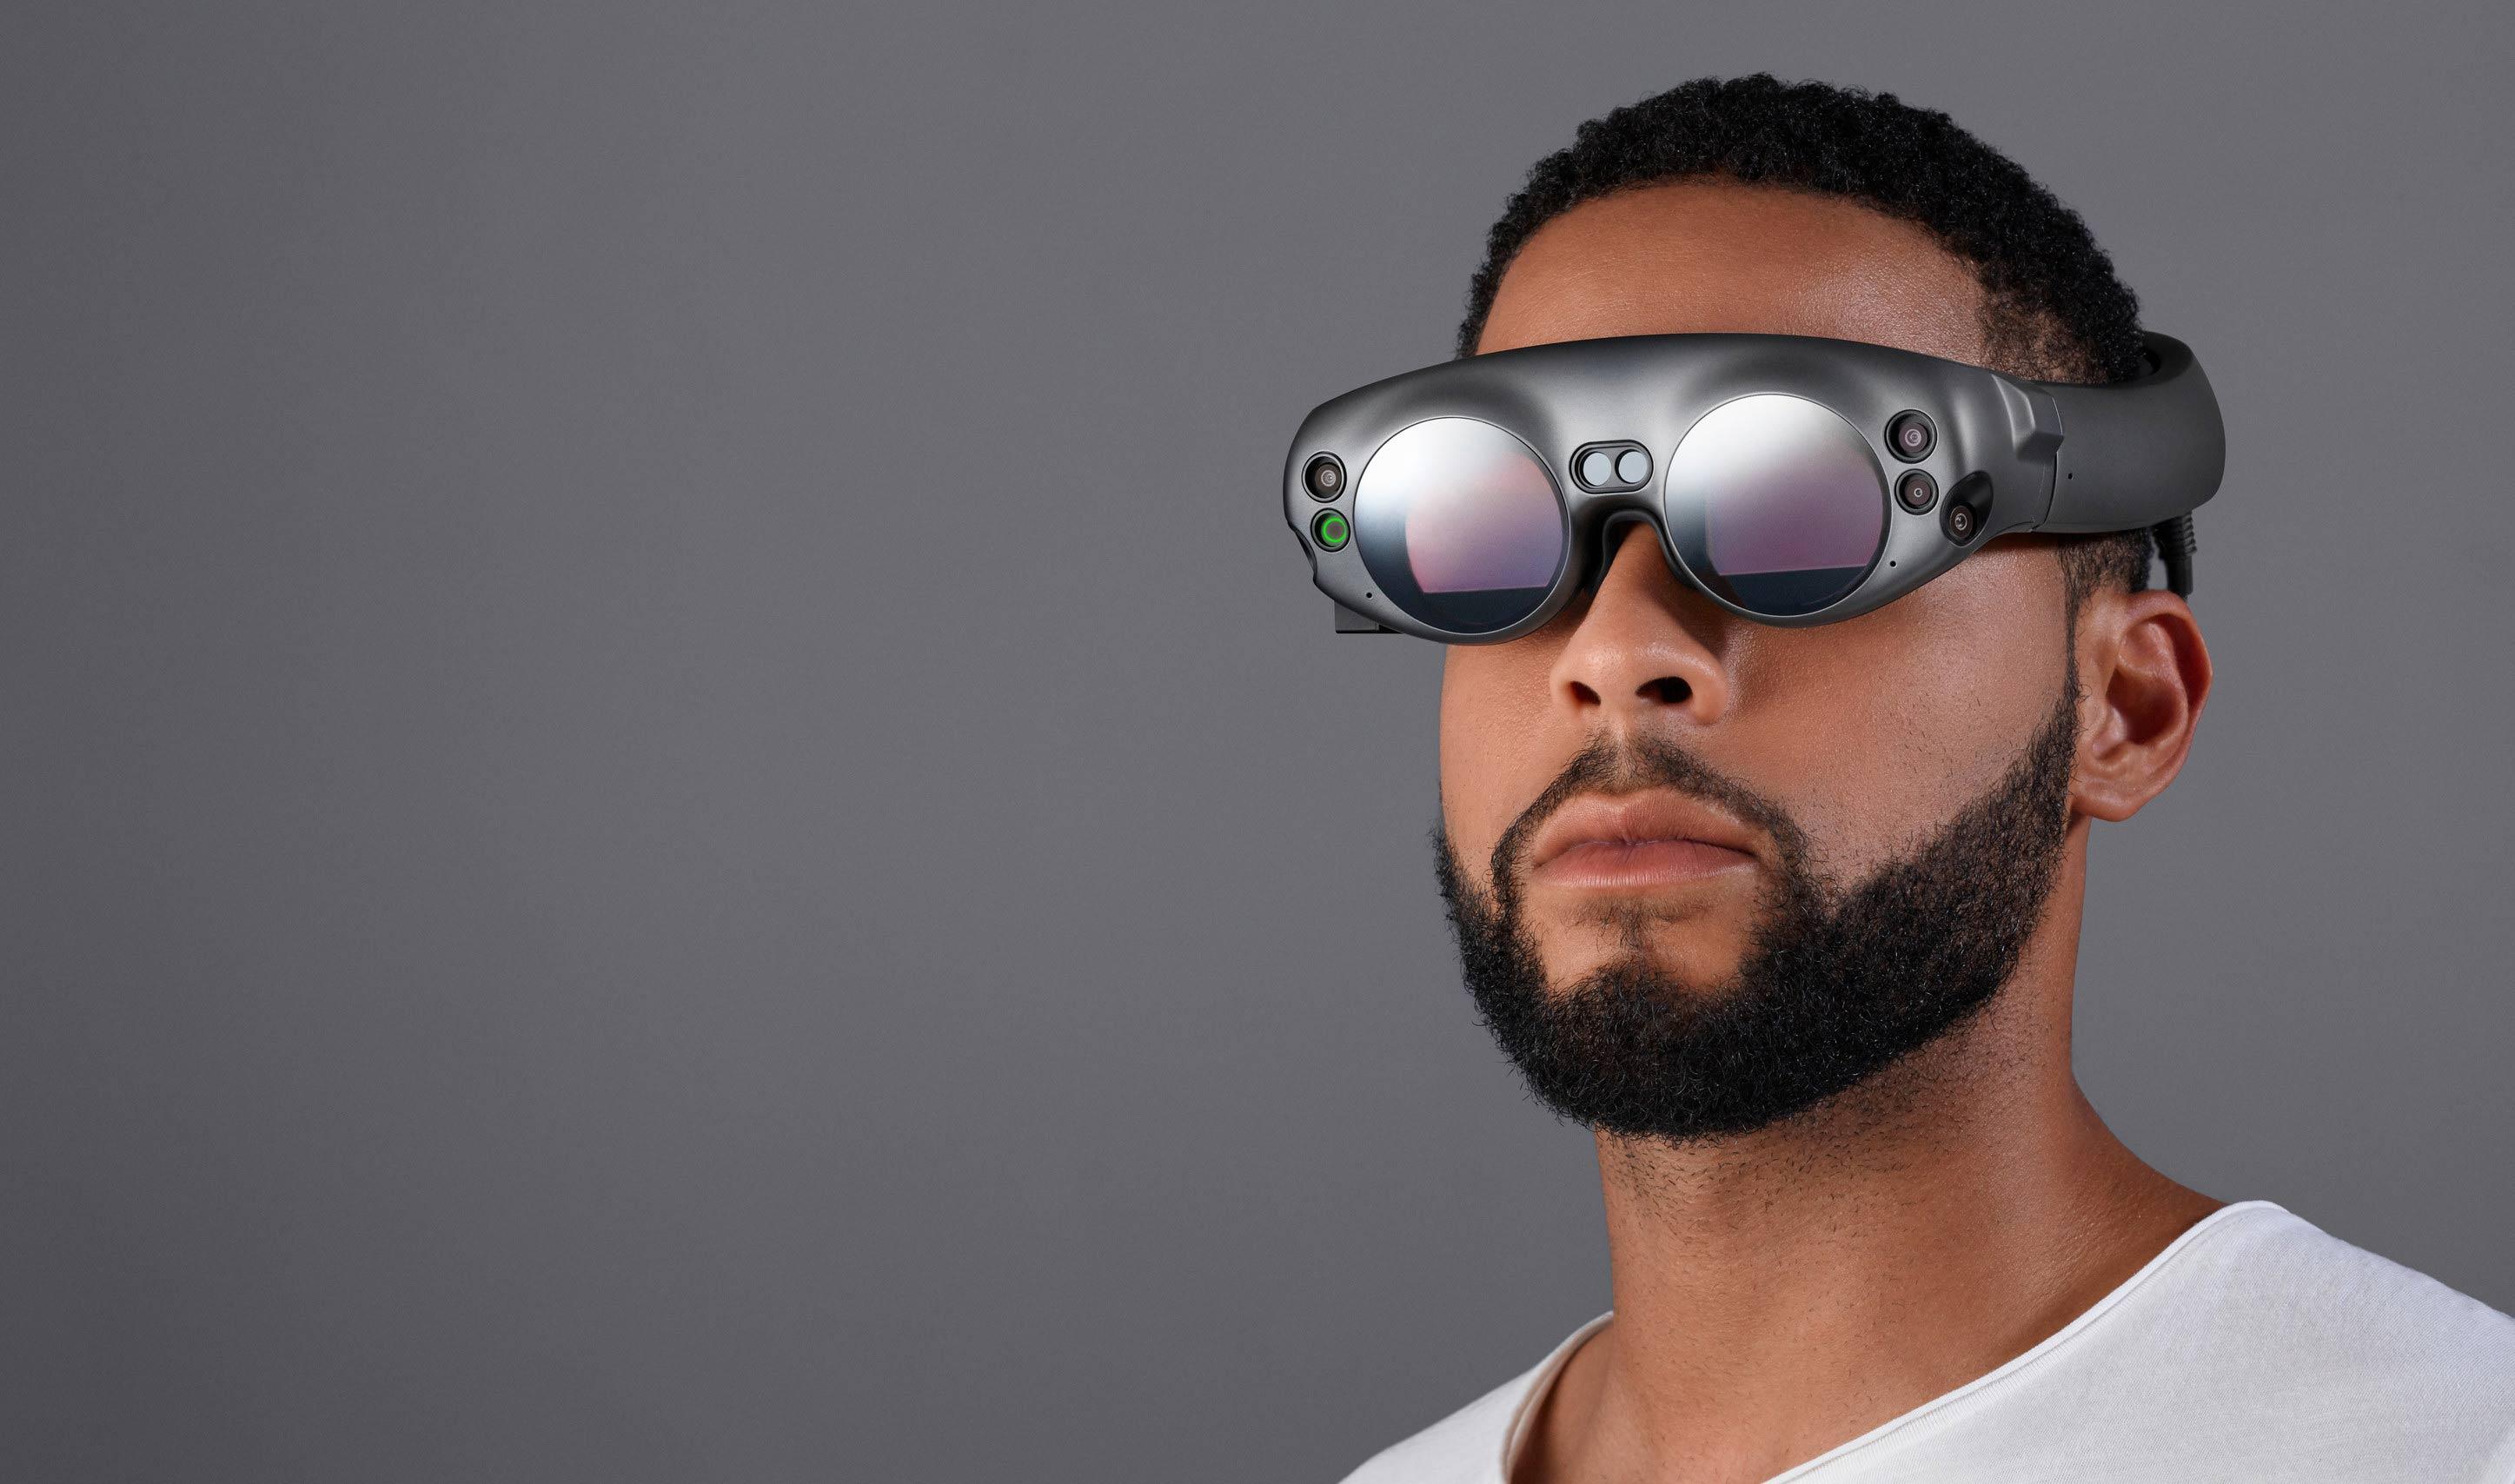 Magic Leap产品经理上节目宣传AR,称二代产品FOV将翻倍